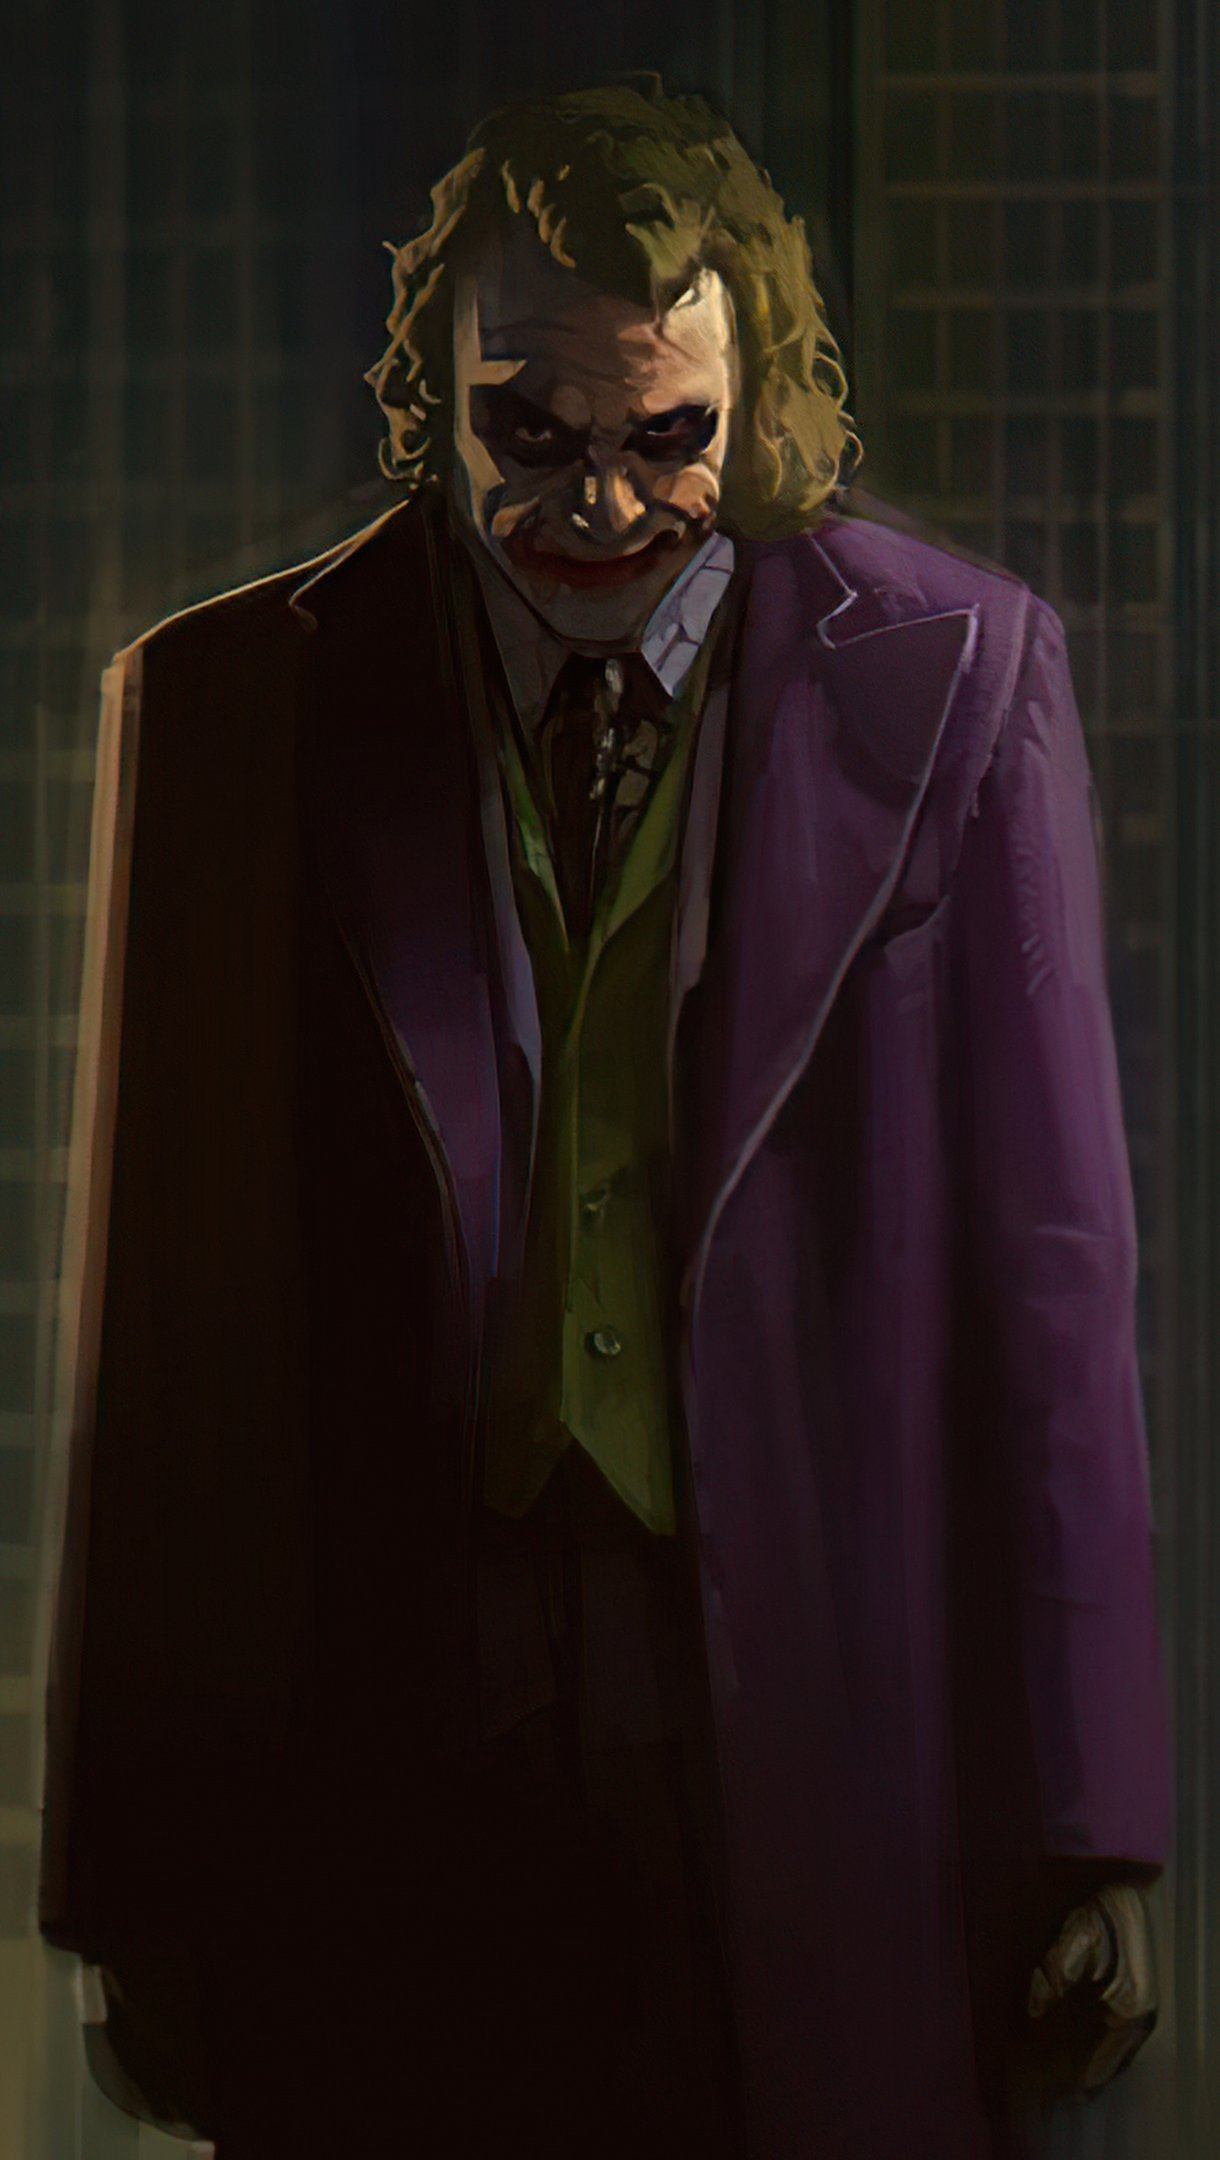 Wallpaper Joker with gun Poster Vertical